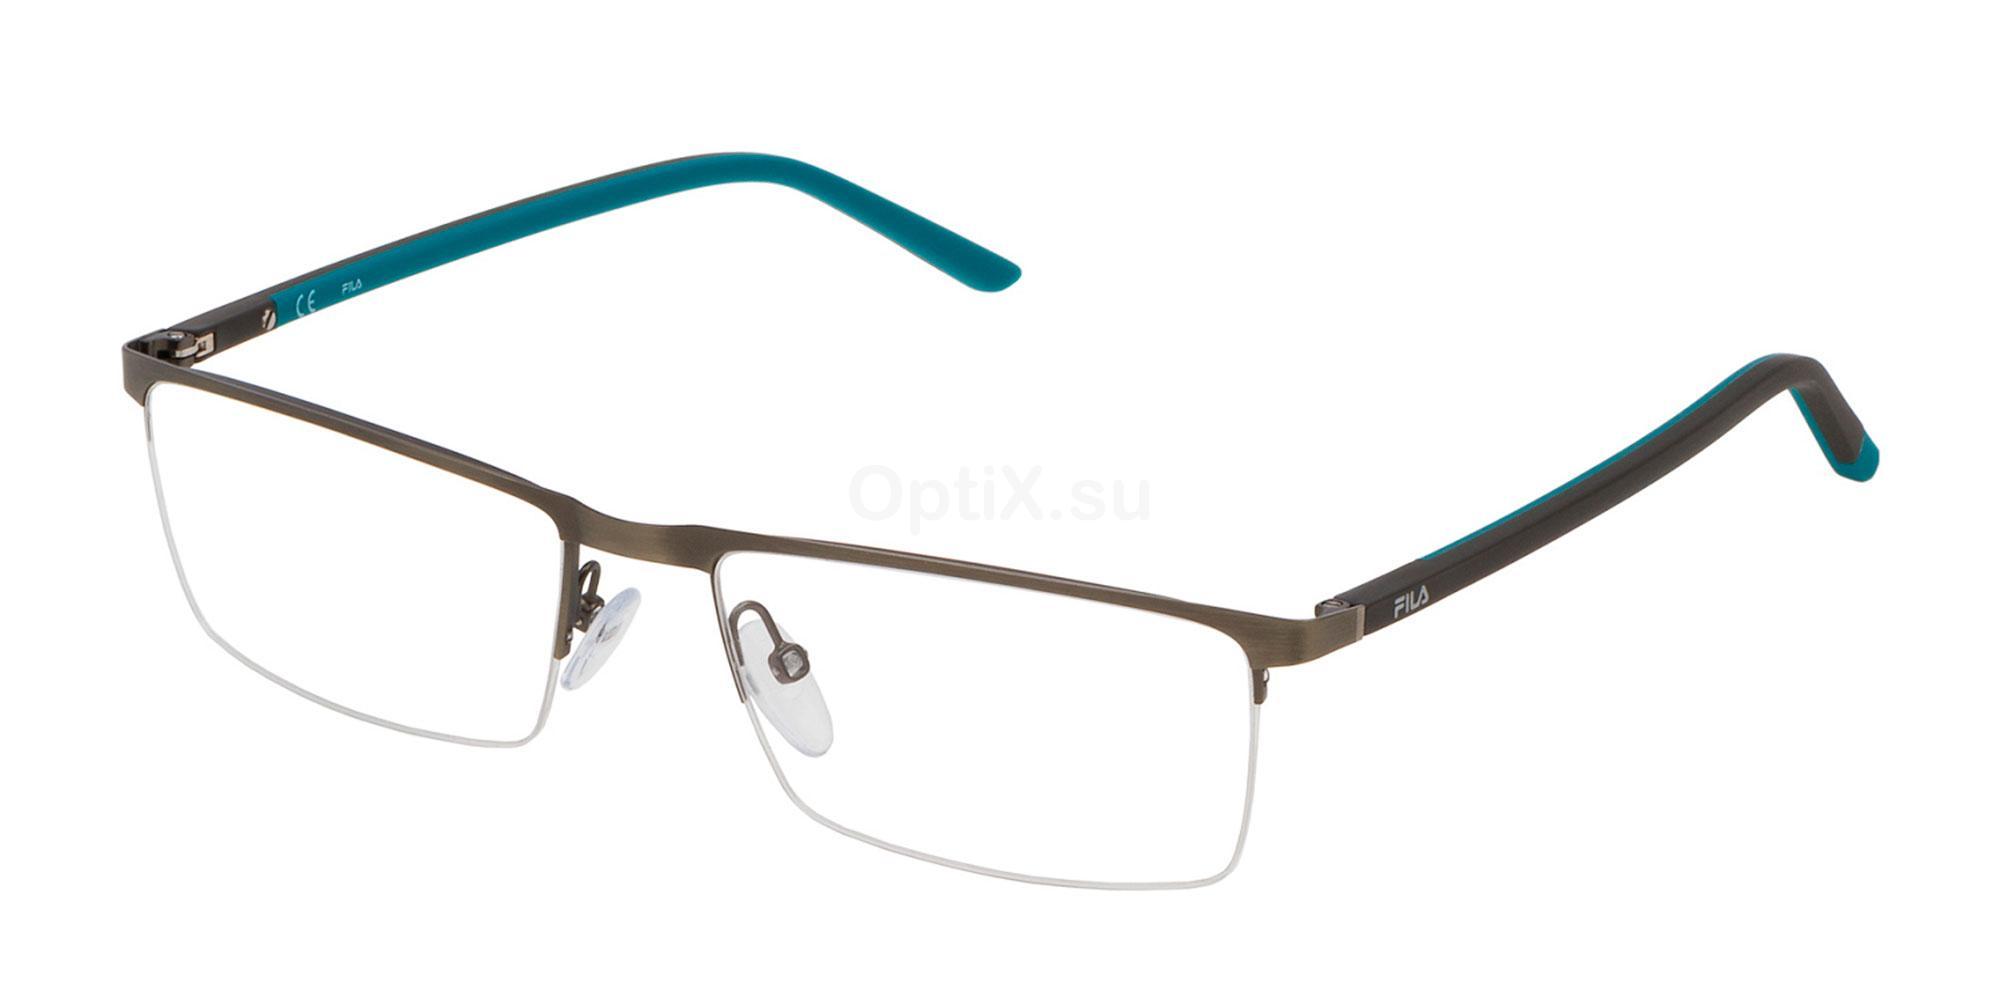 02A2 VF9839 Glasses, Fila